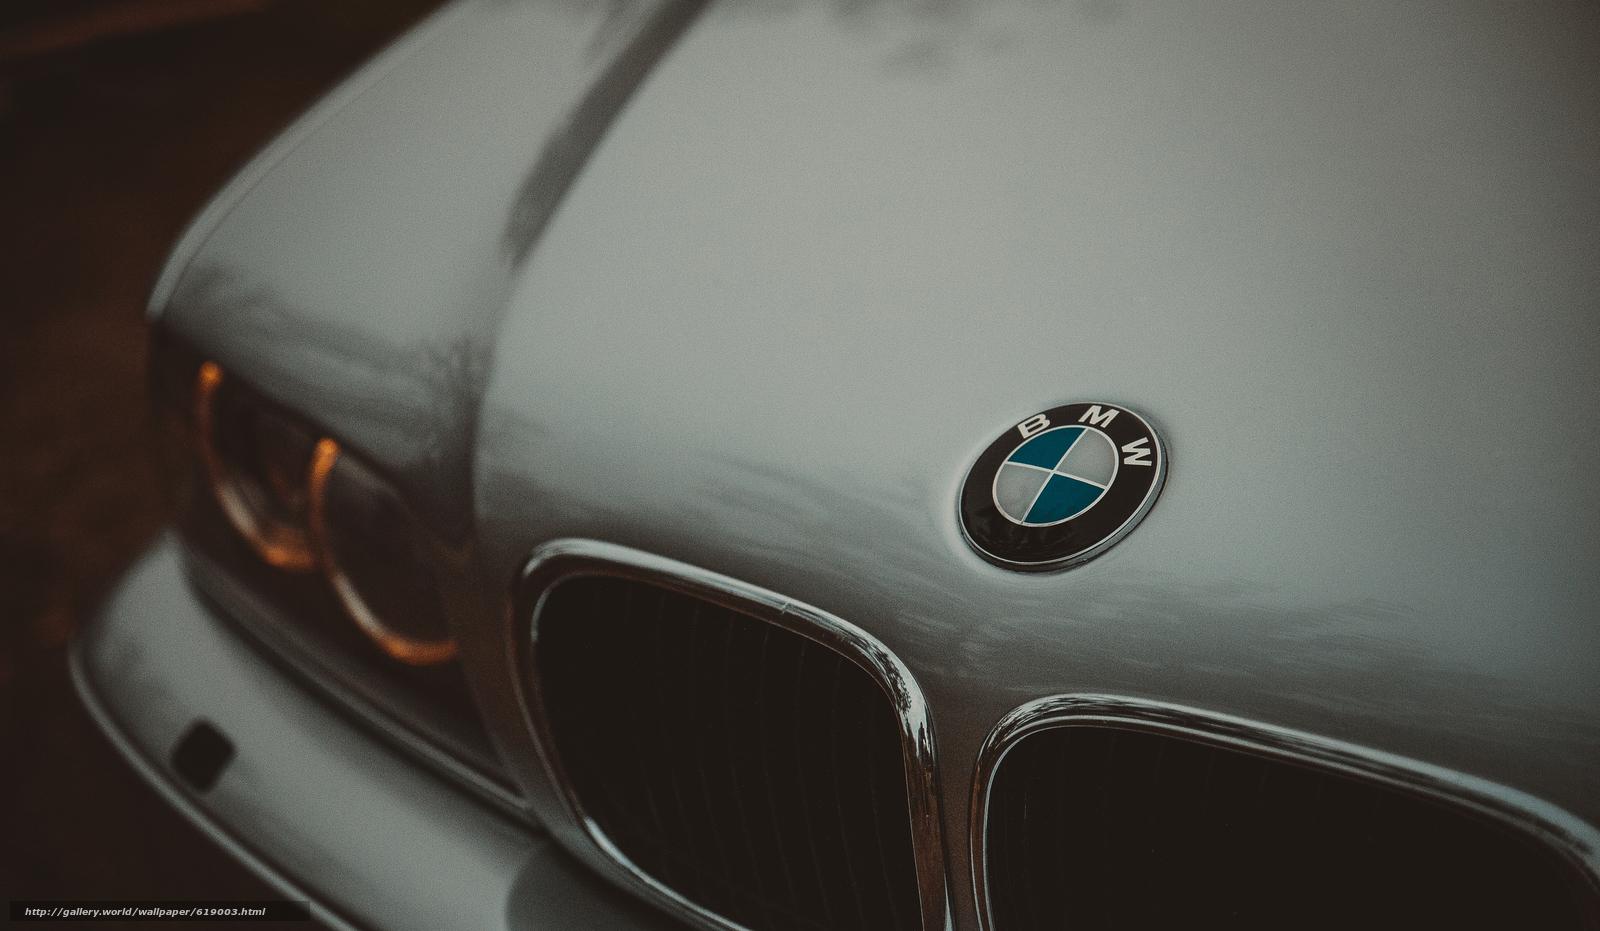 Download Hintergrund BMW,  e39,  Autos,  Boomer Freie desktop Tapeten in der Auflosung 5472x3184 — bild №619003